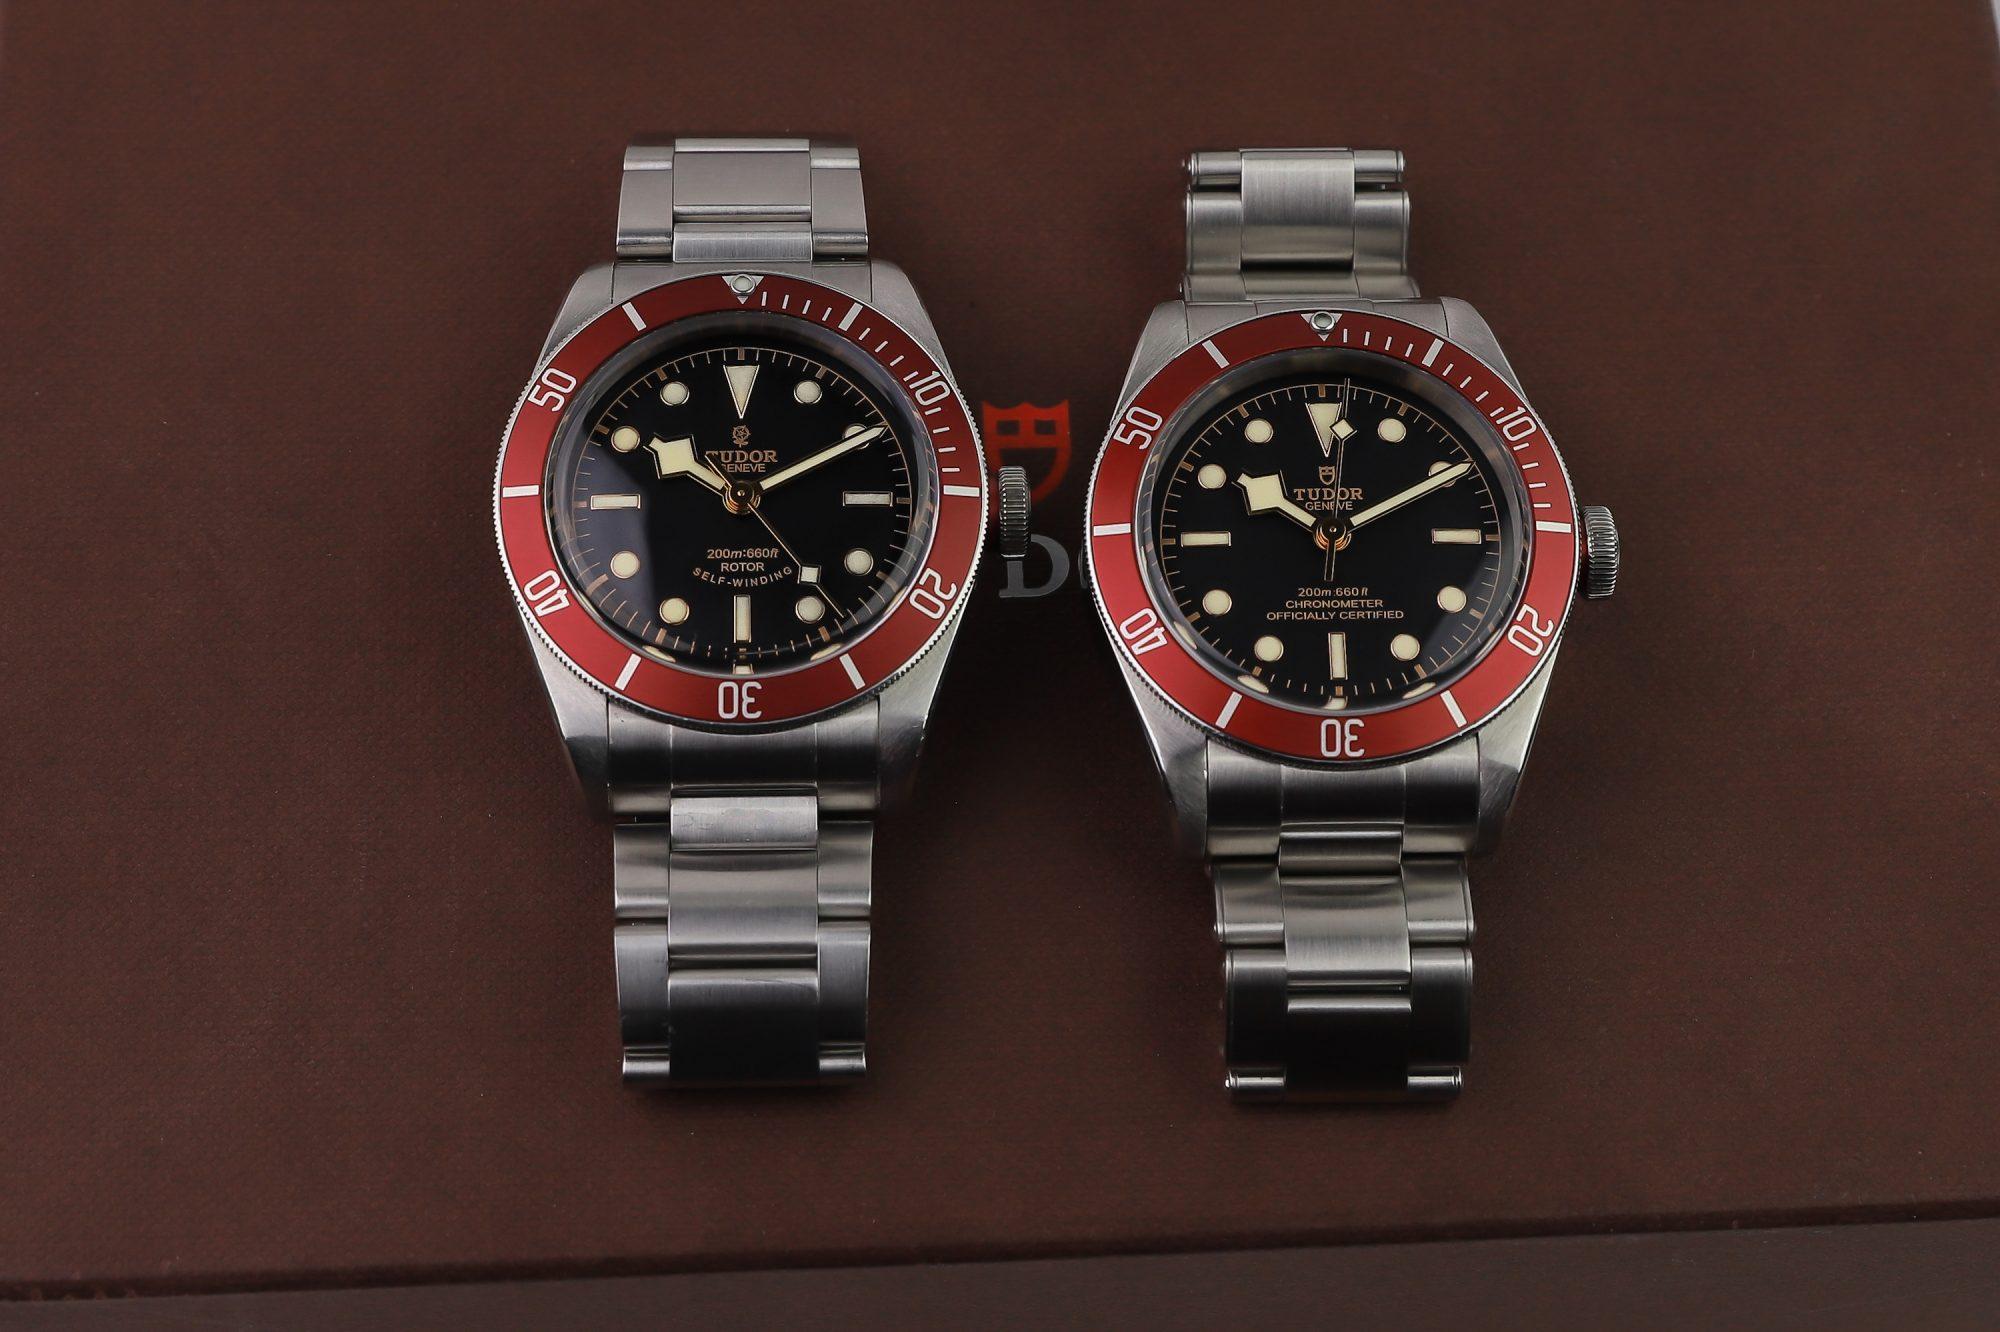 Tudor Black Bay 79220 VS 79230 ETA VS IN-HOUSE